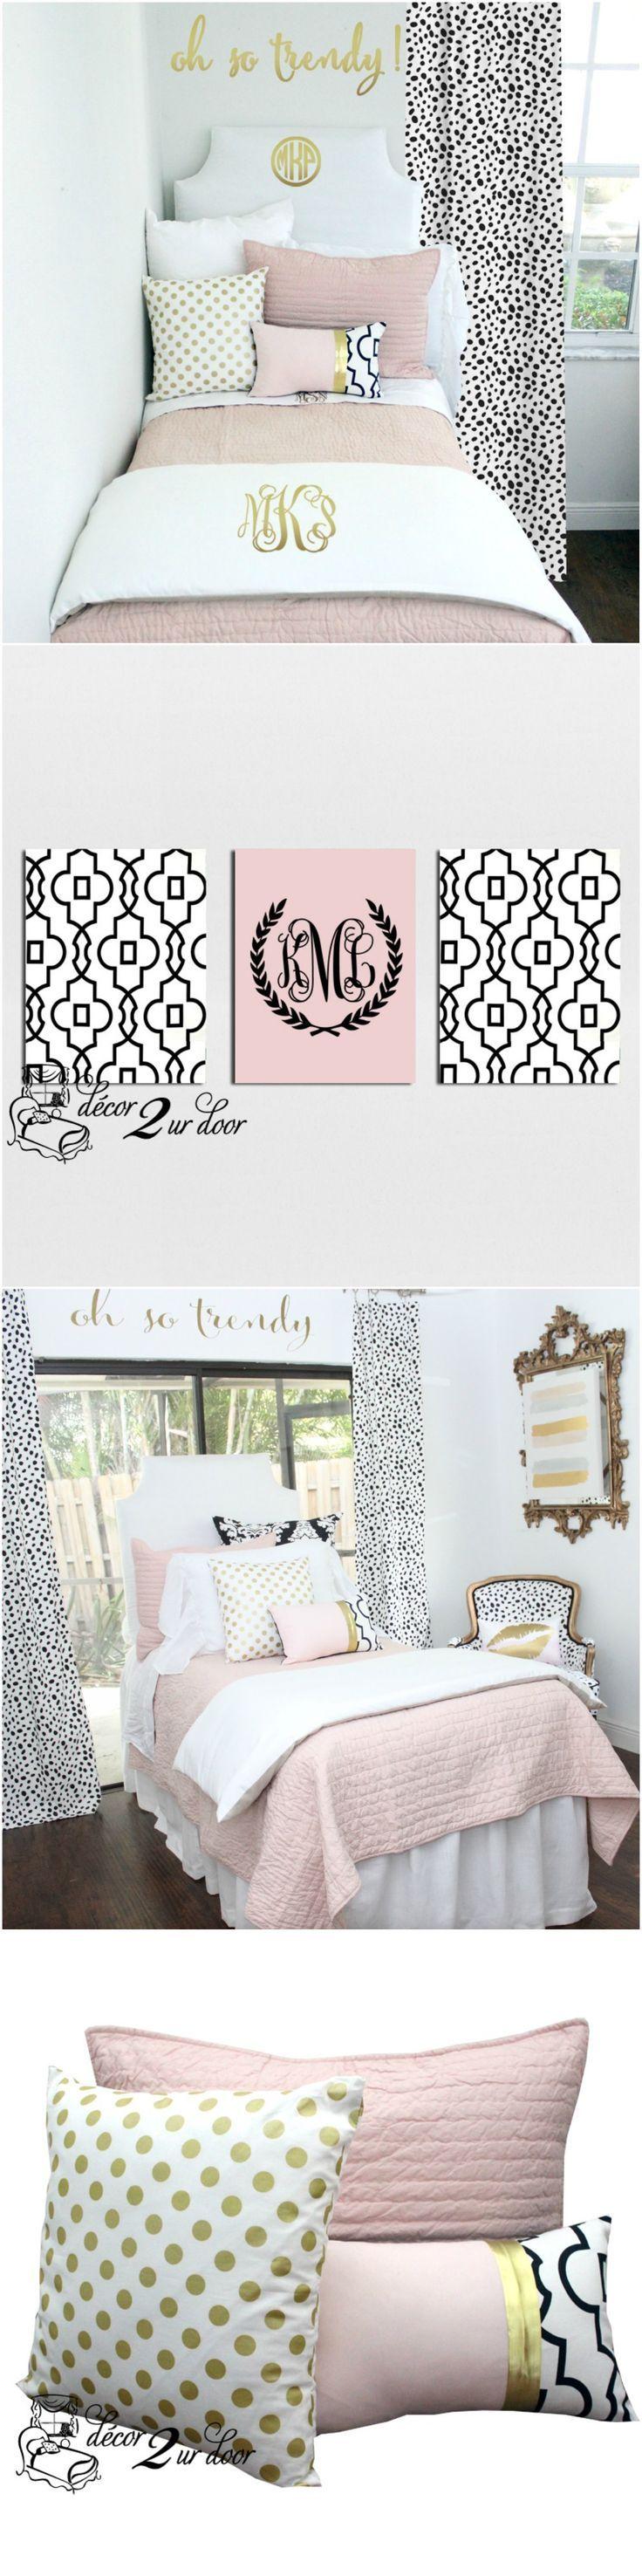 Best Decorate Your Dorm Room Images On Pinterest College - Decoration dorm door decorating ideas with pink walls dorms dorm door